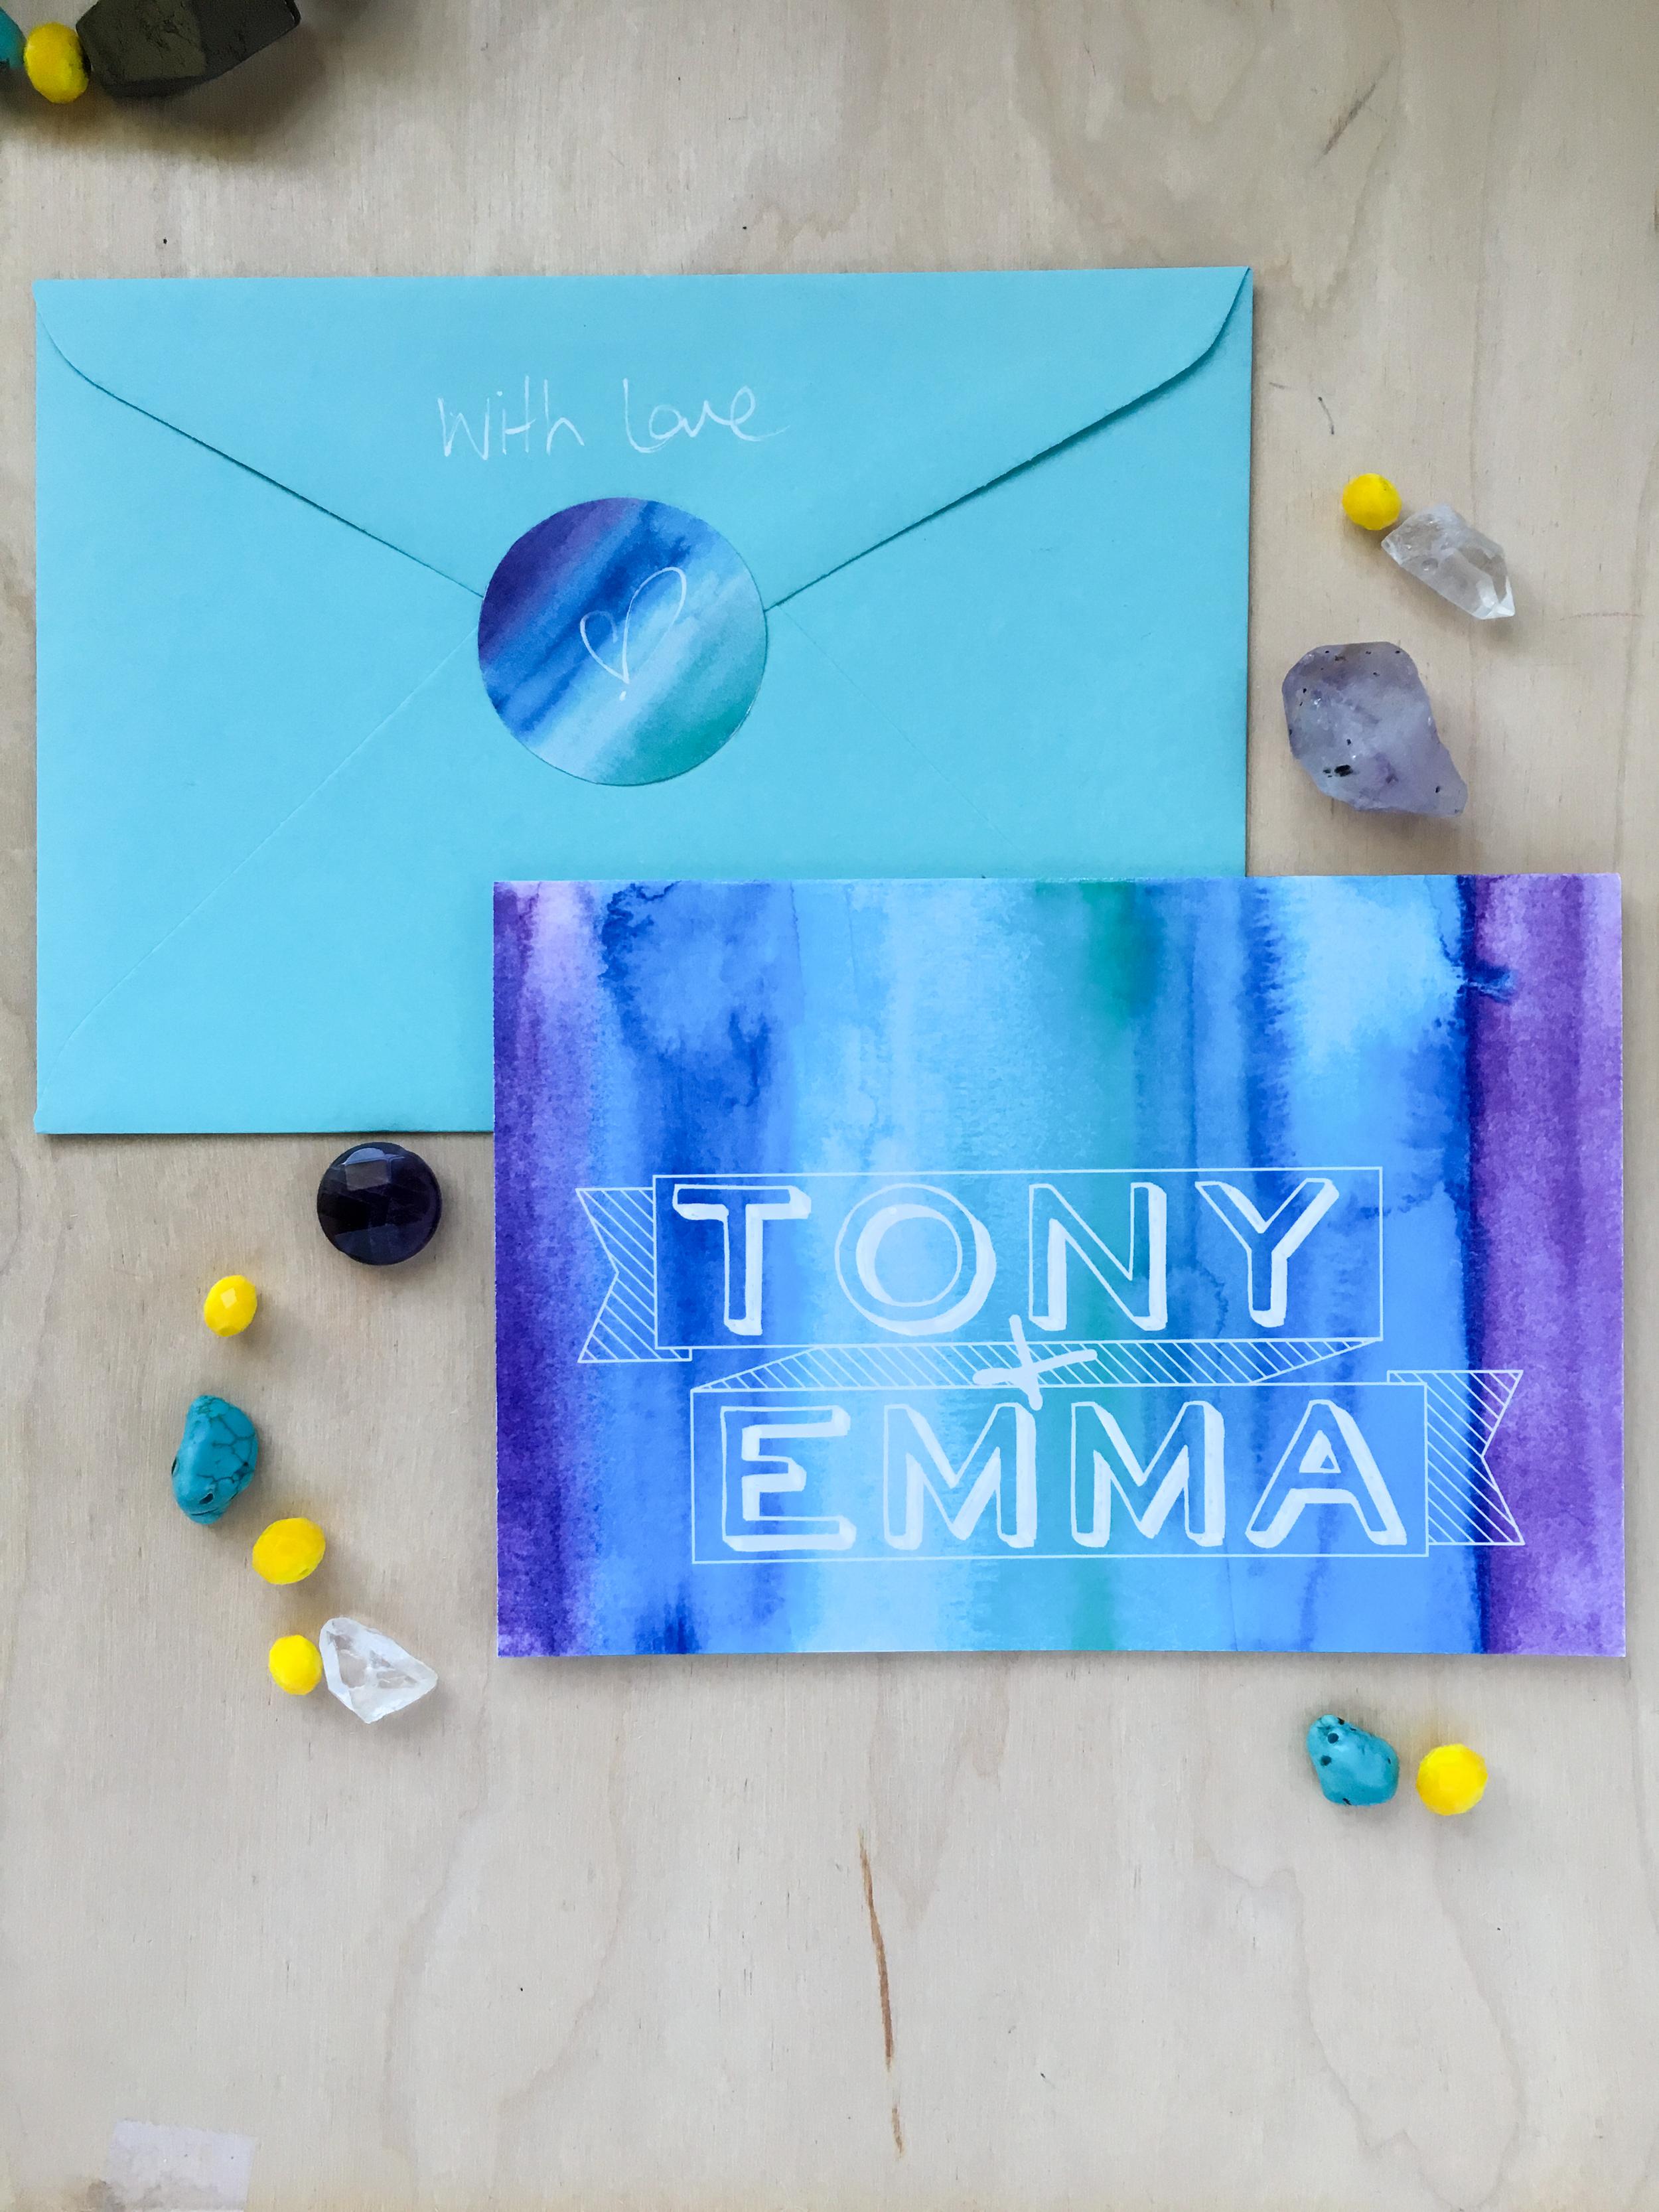 Emma & Tony front